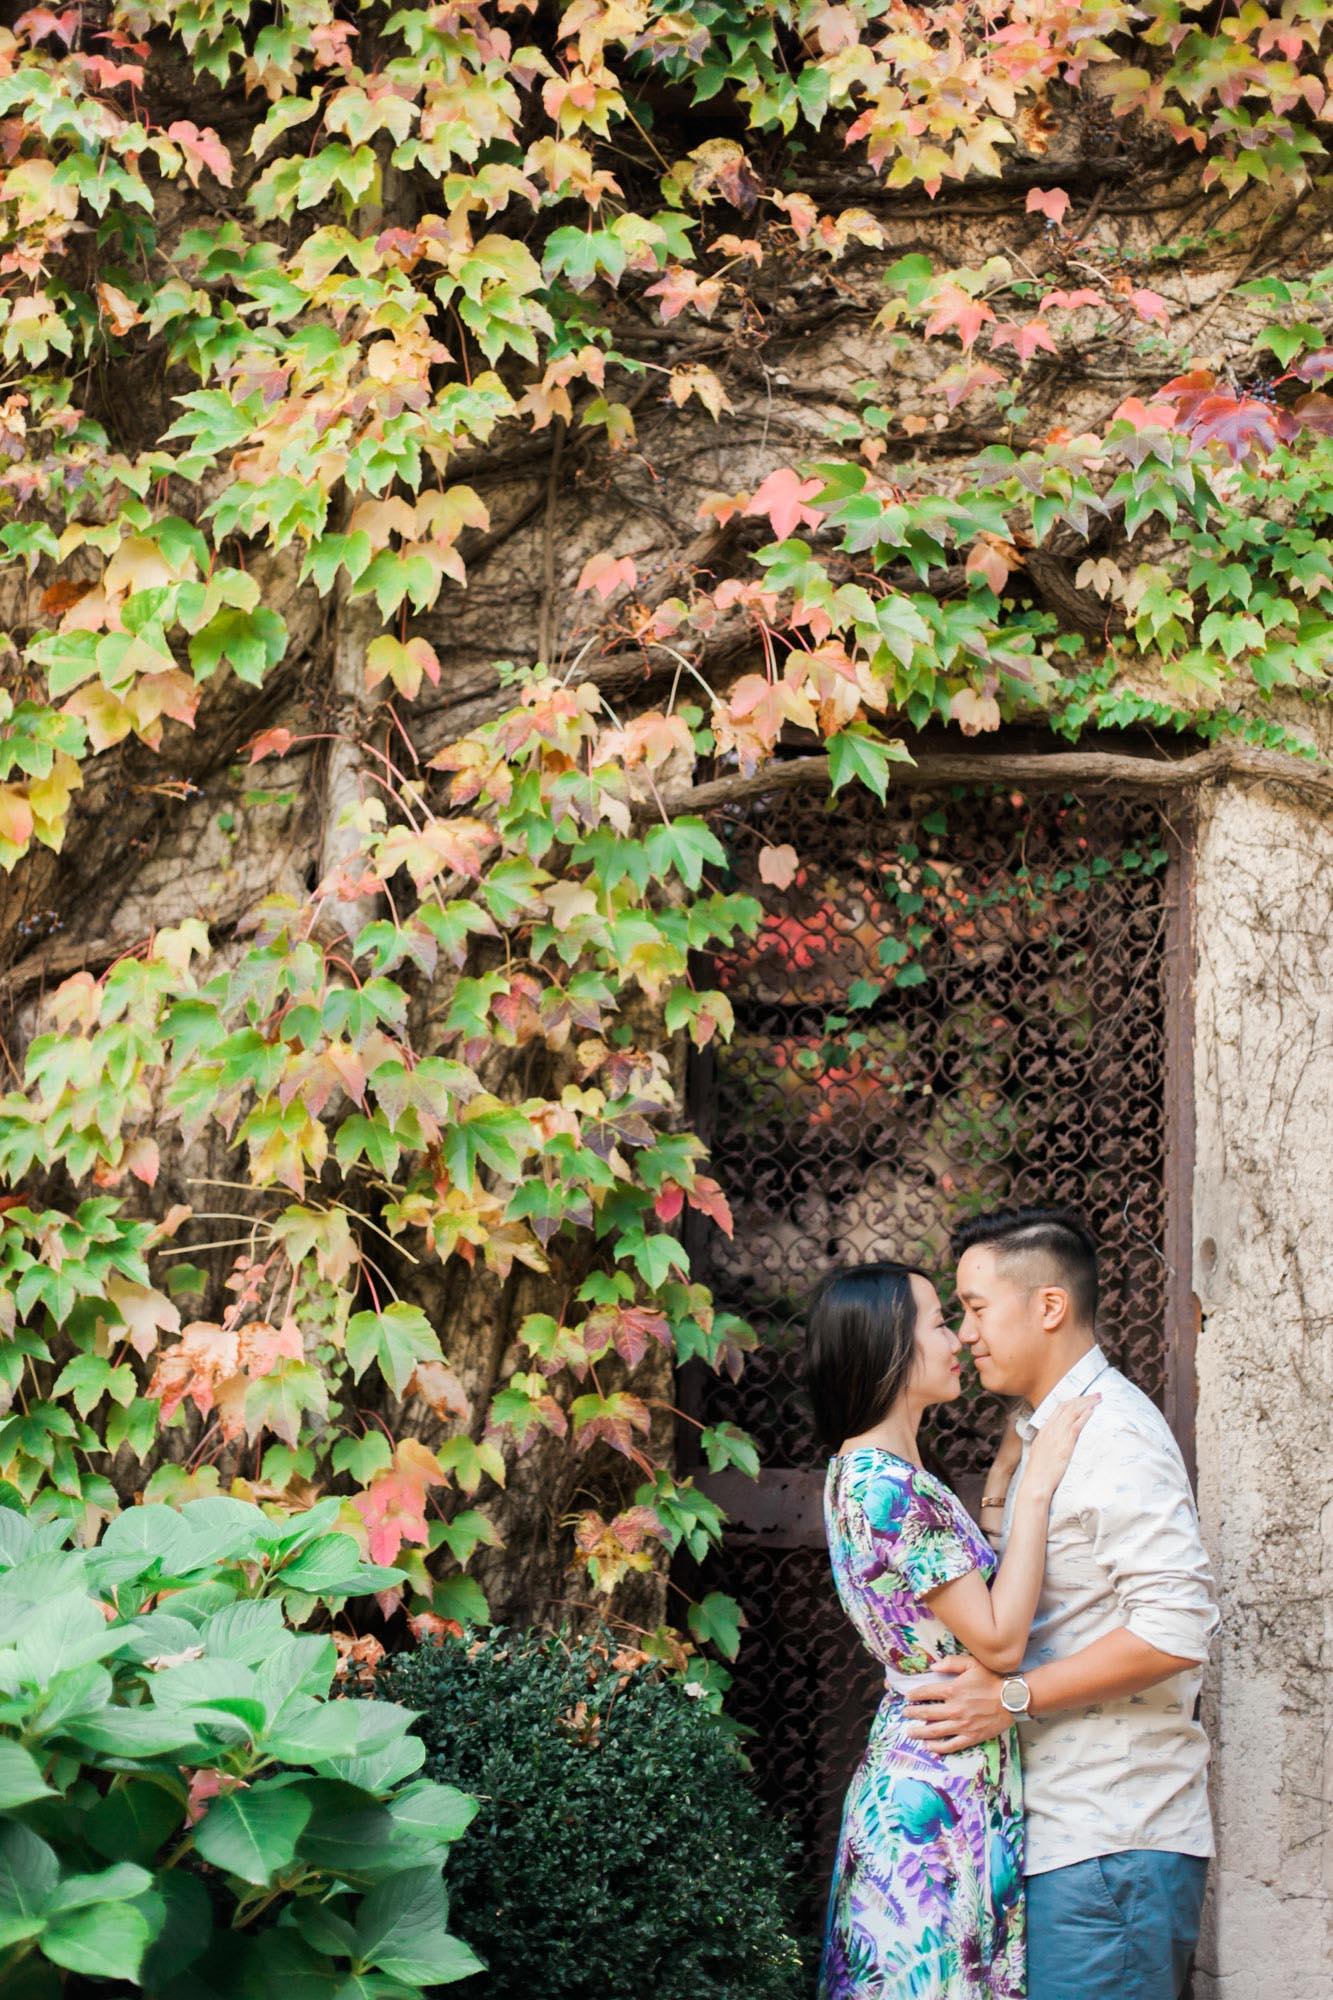 joeewong-reke-italy-amalfi-coast-positano-honeymoon-04